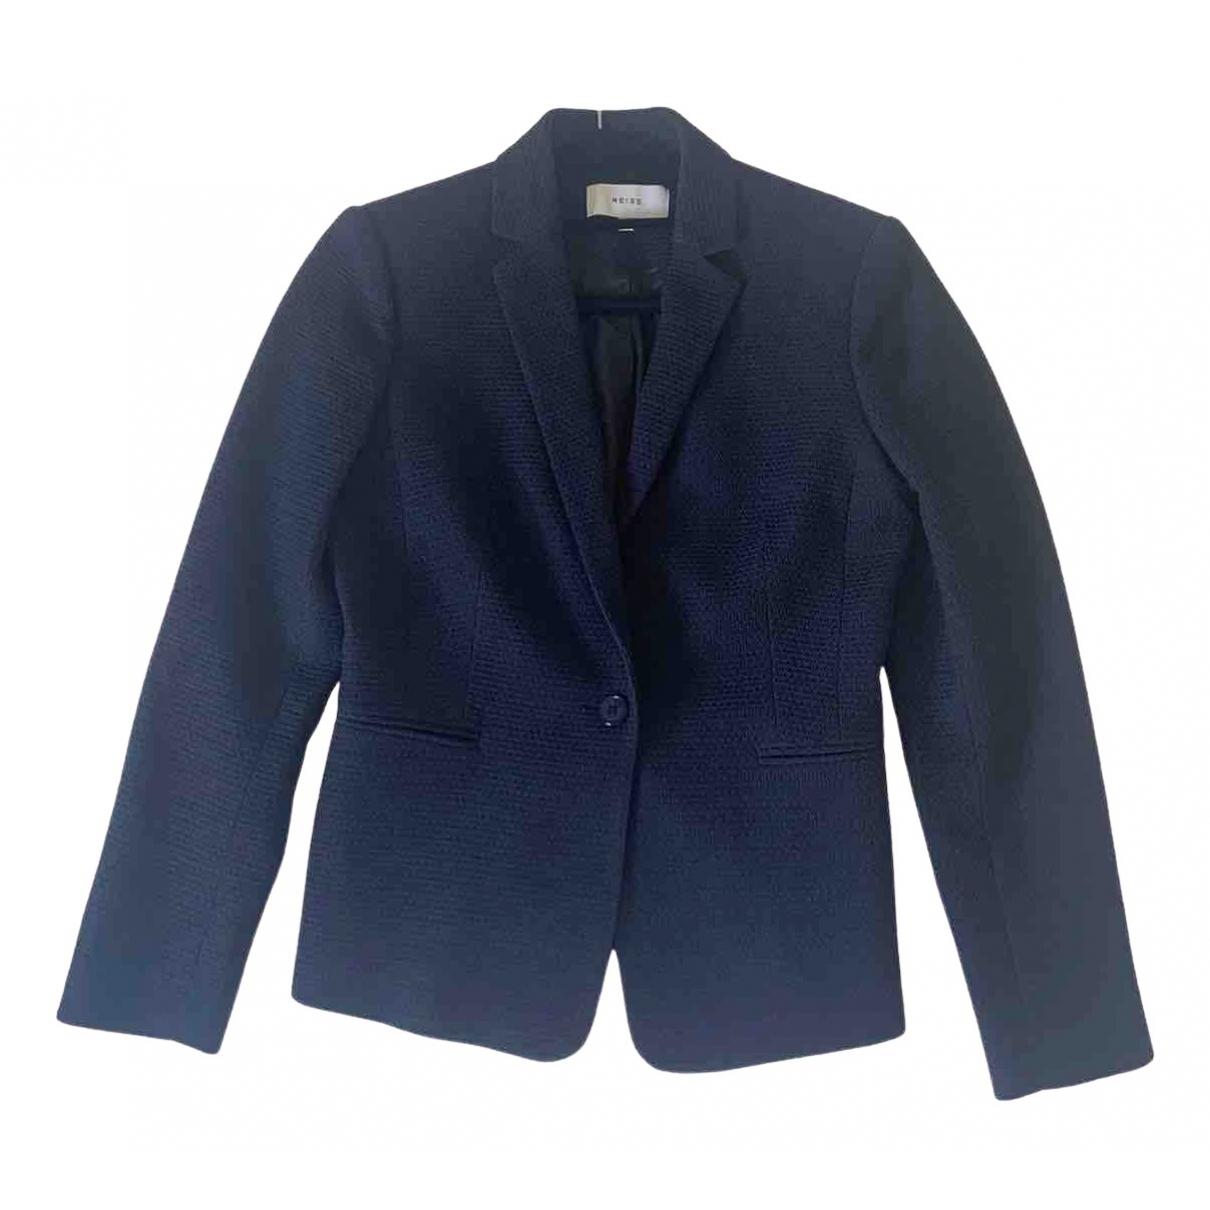 Reiss \N Jacke in  Blau Polyester